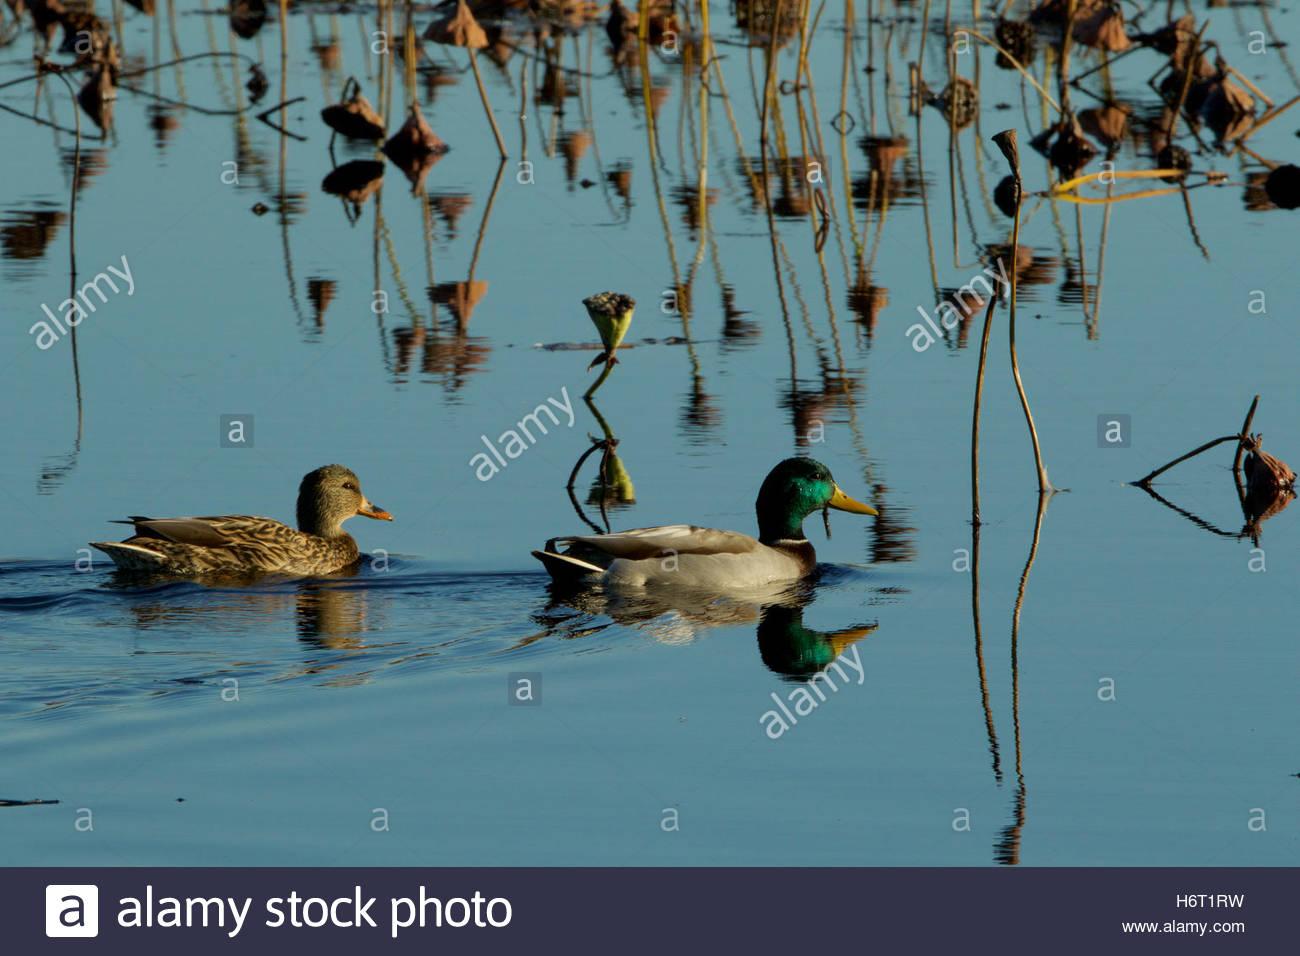 Stockente Enten, eine männliche und weibliche Paar, schwimmen auf dem Wasser. Stockbild